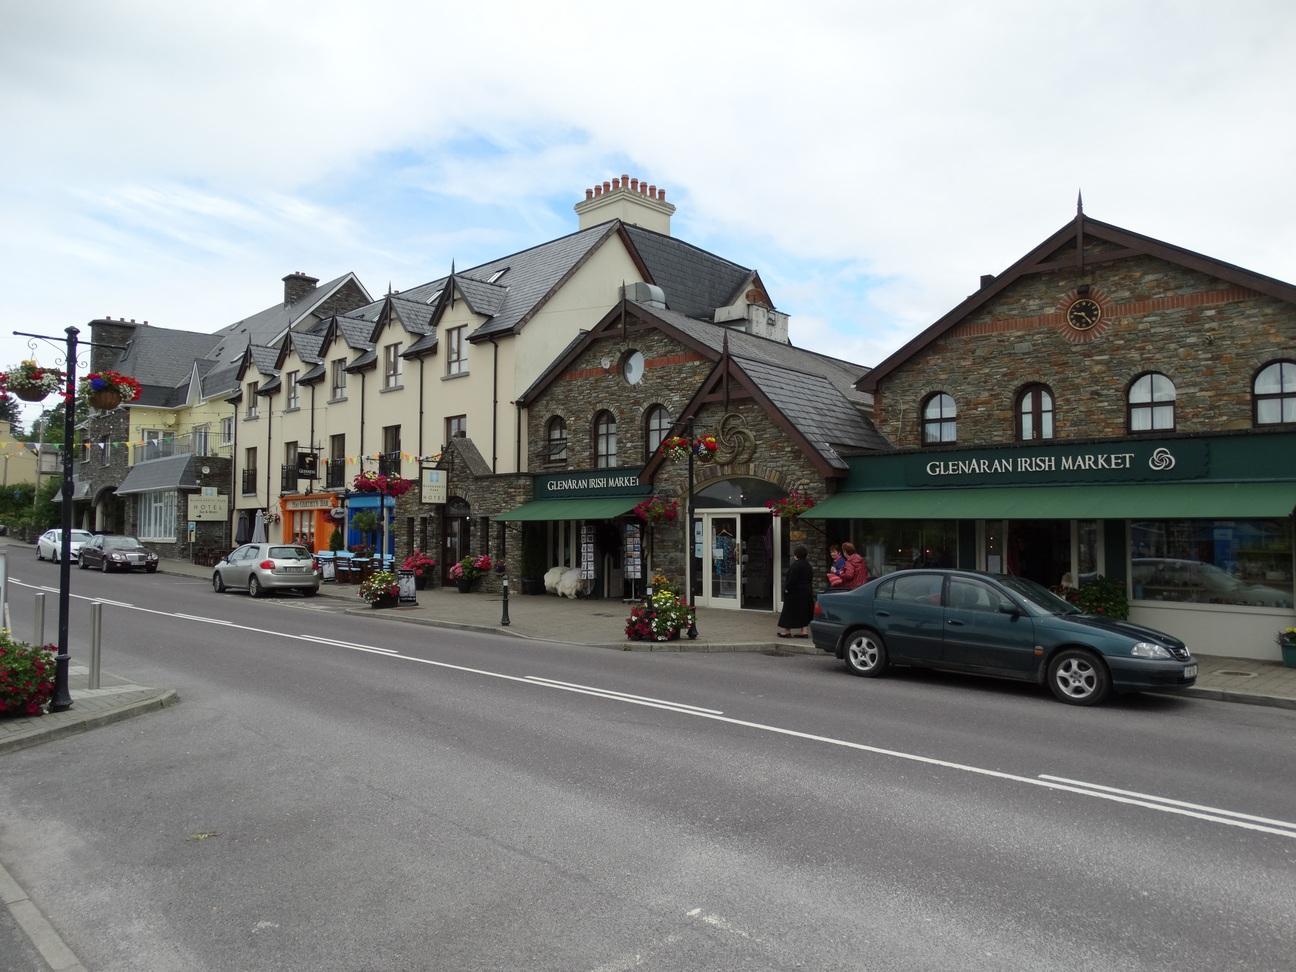 GlenGarriff: MainStreet